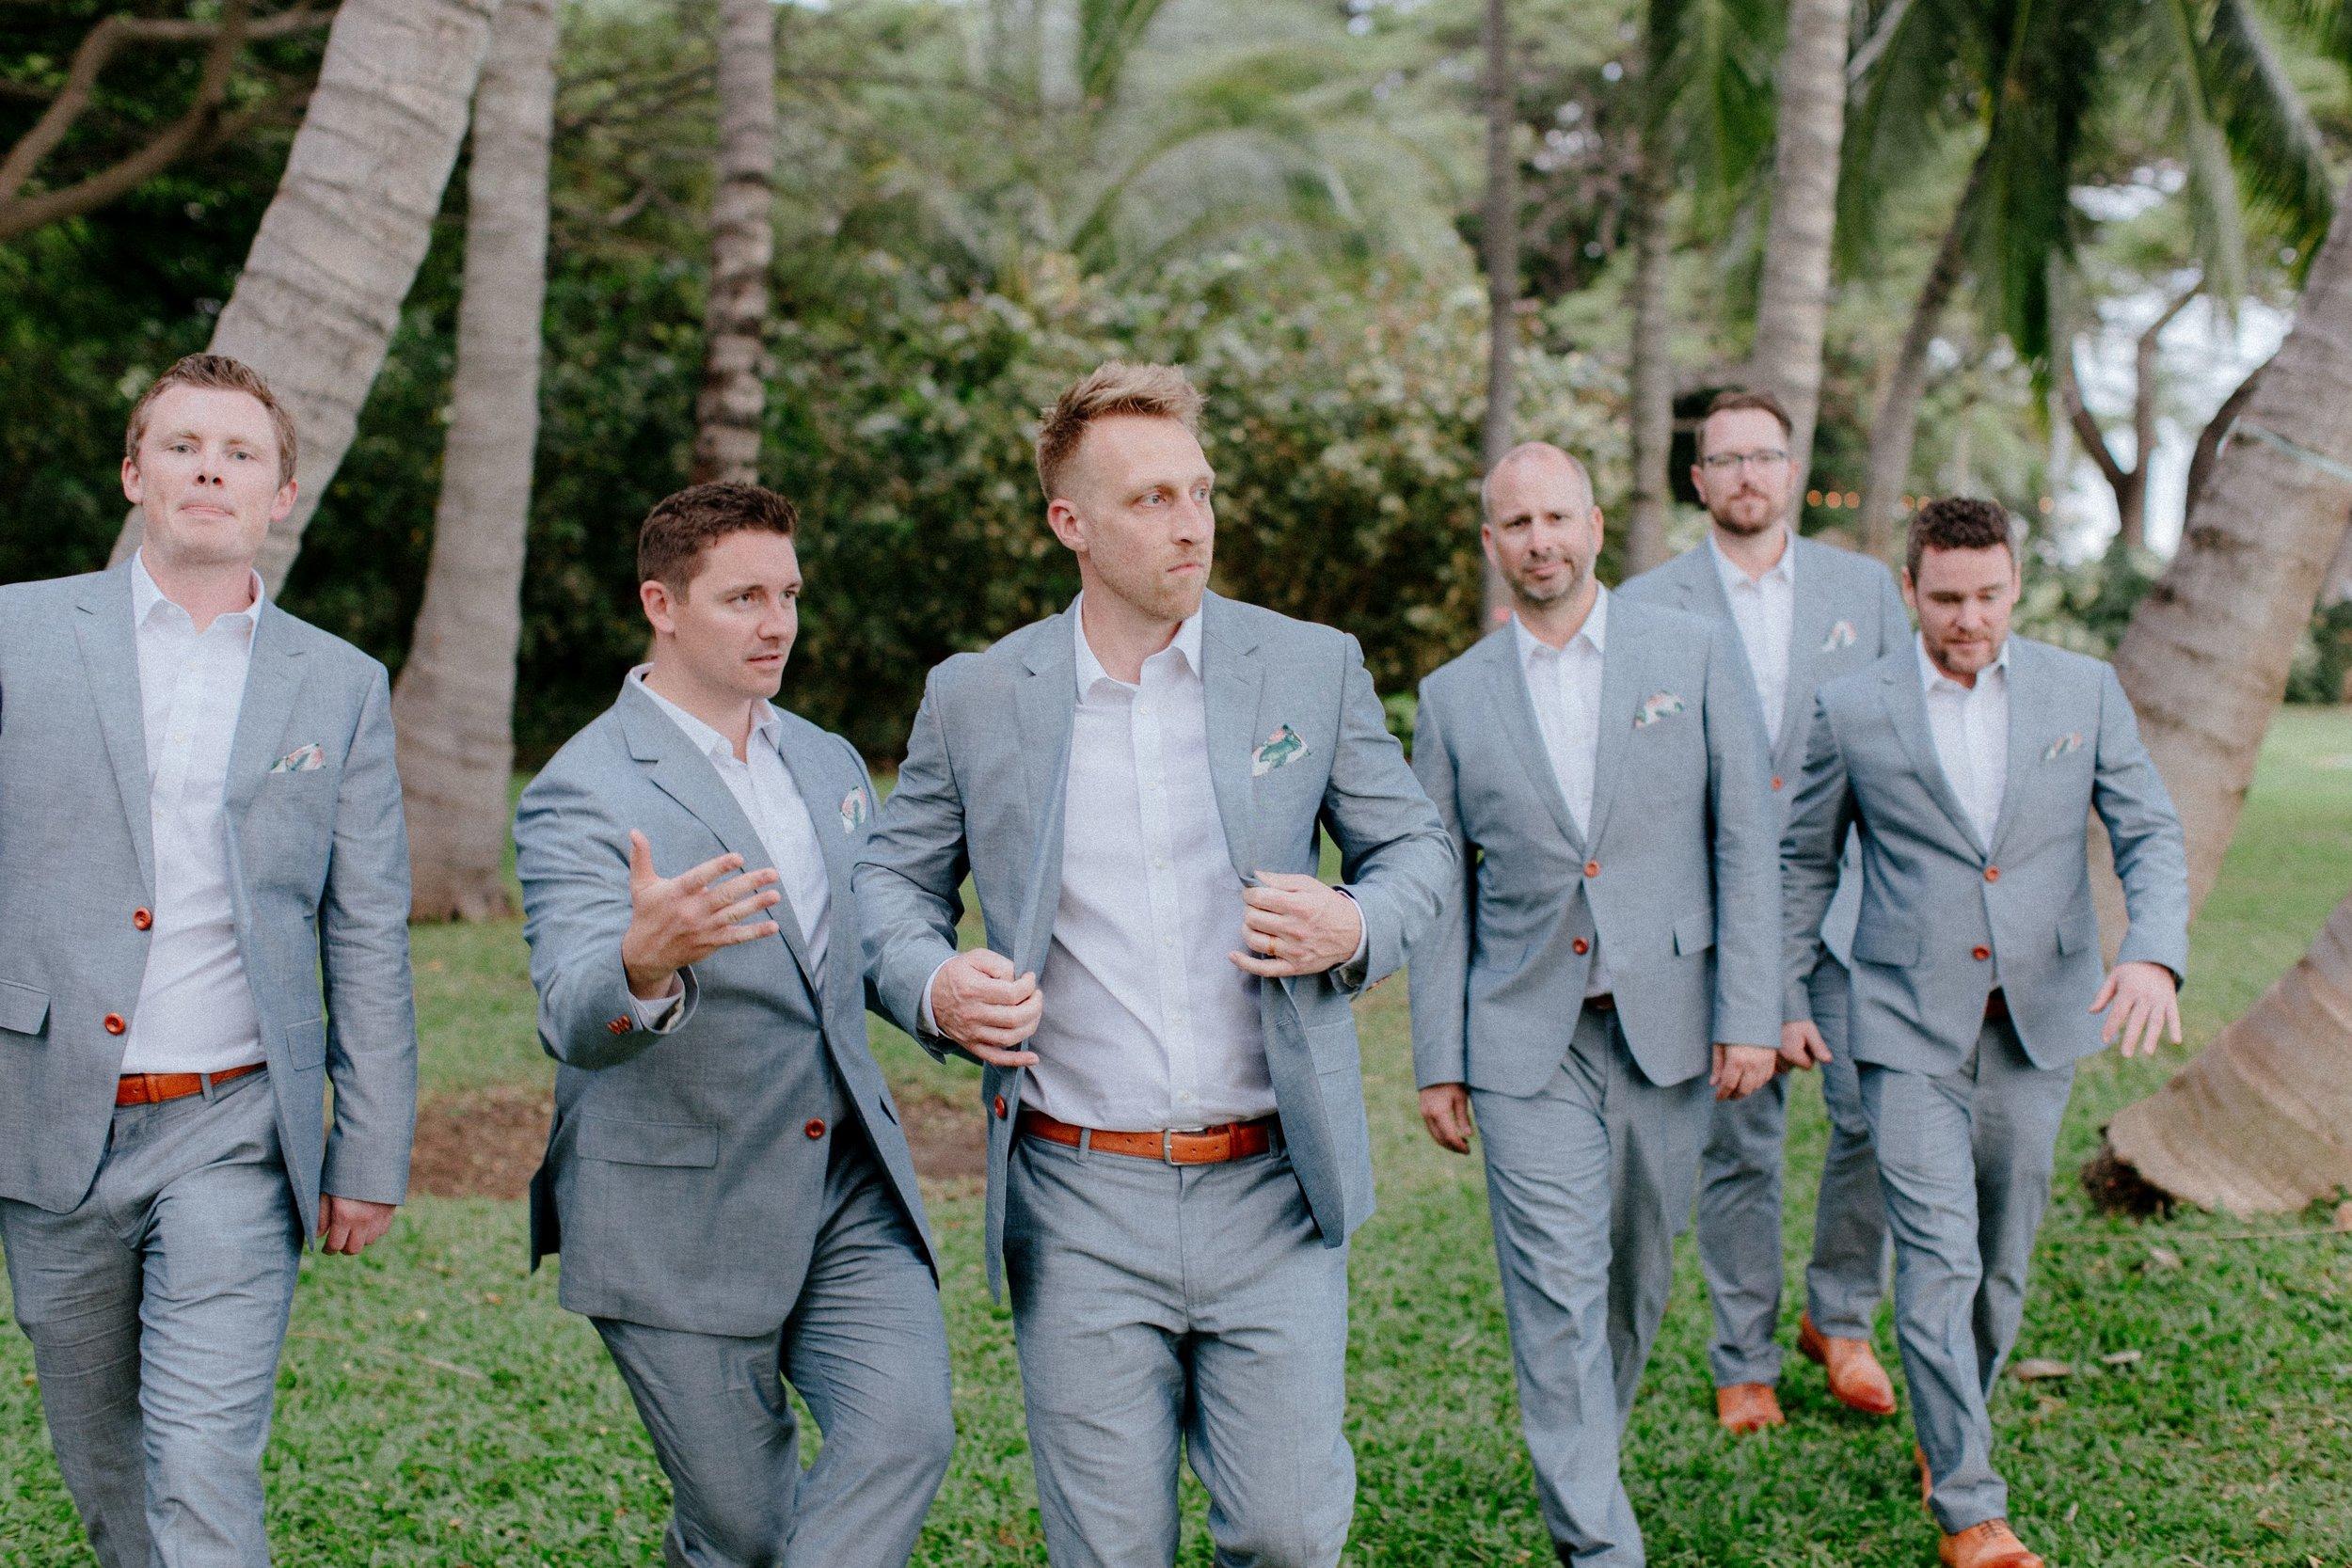 Chris-J-Evans-maui-wedding-JA3037.jpg